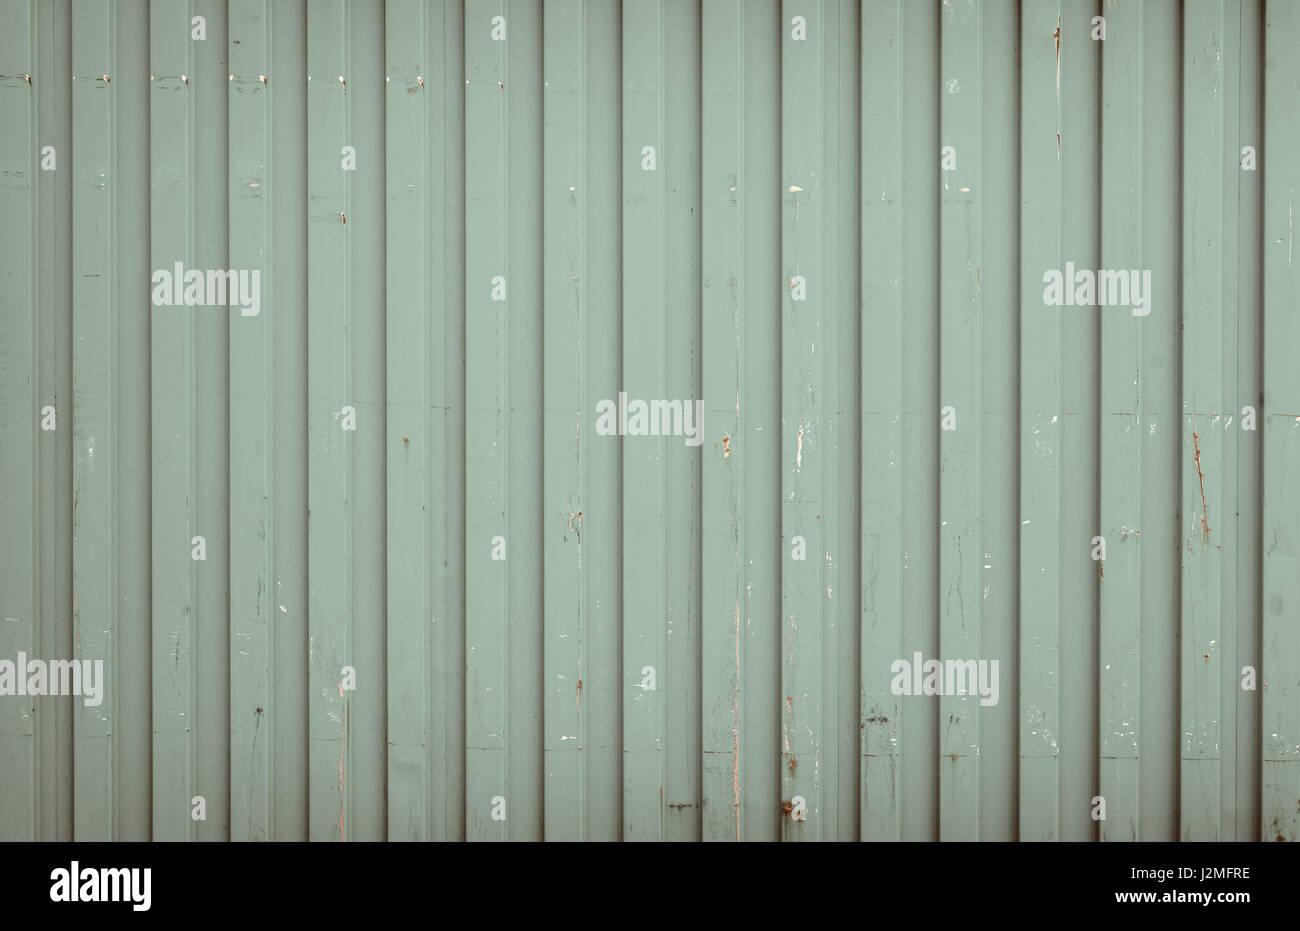 Hintergrund Streifen Container Wand Muster Stockfoto Bild